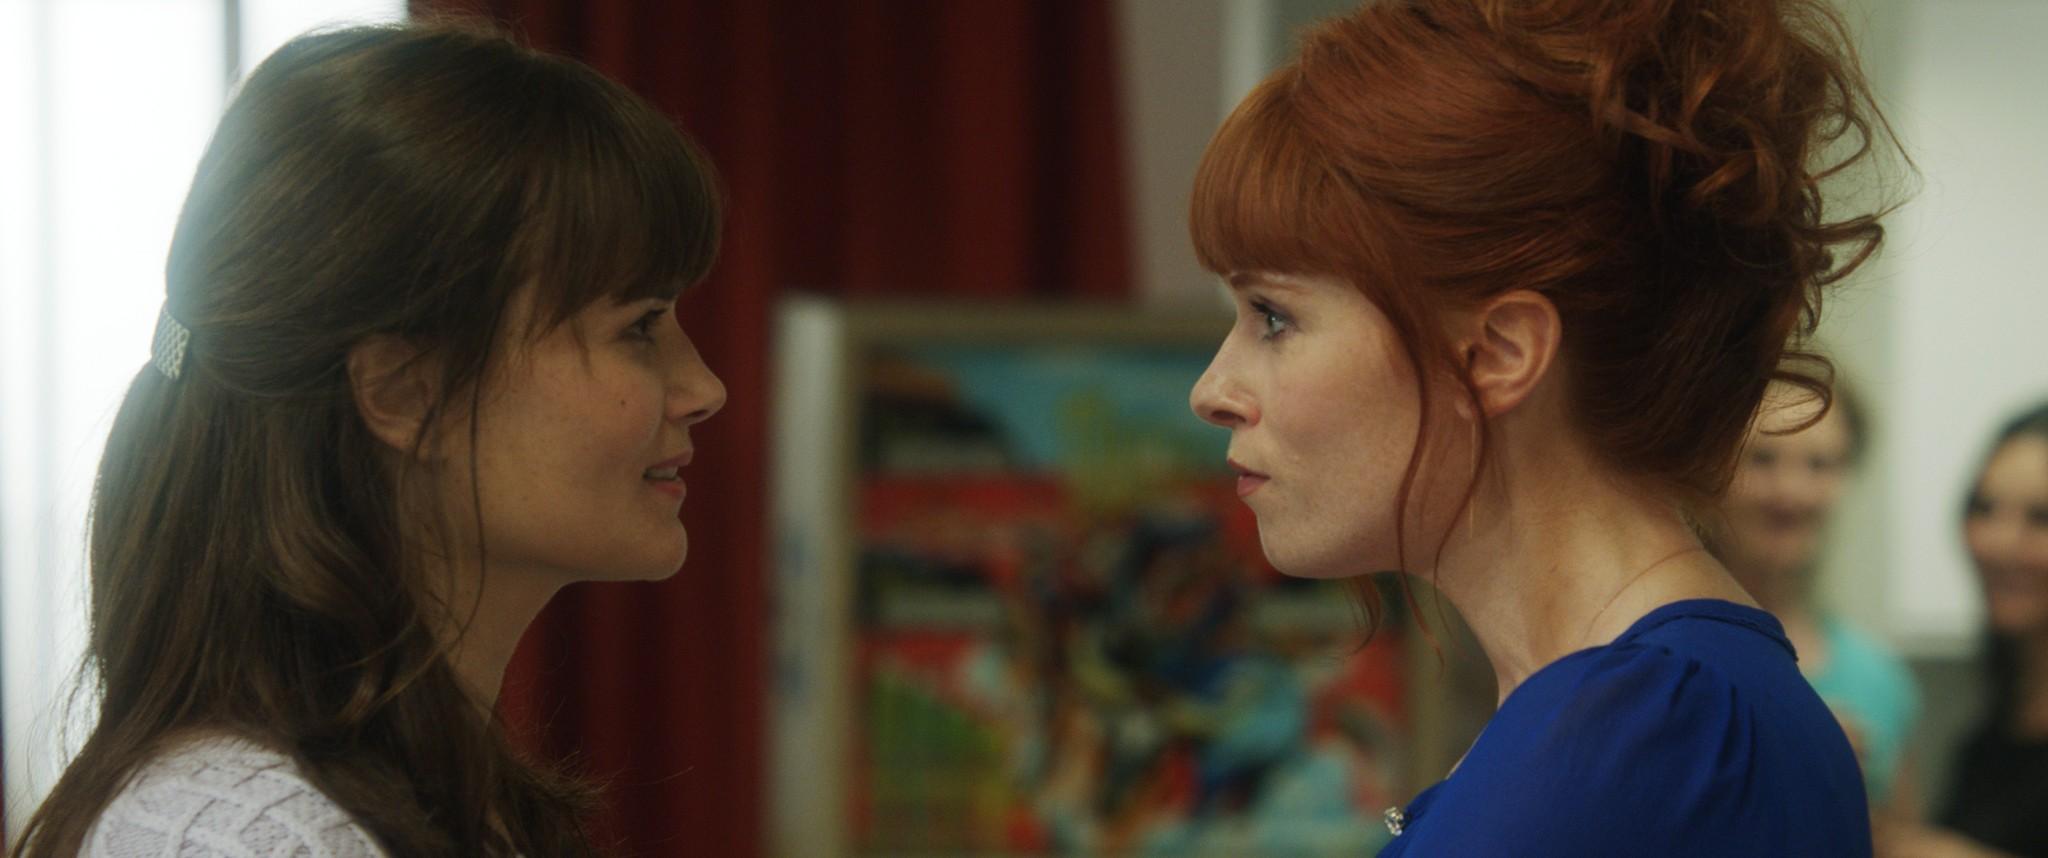 кадры из фильма Красотки в Париже